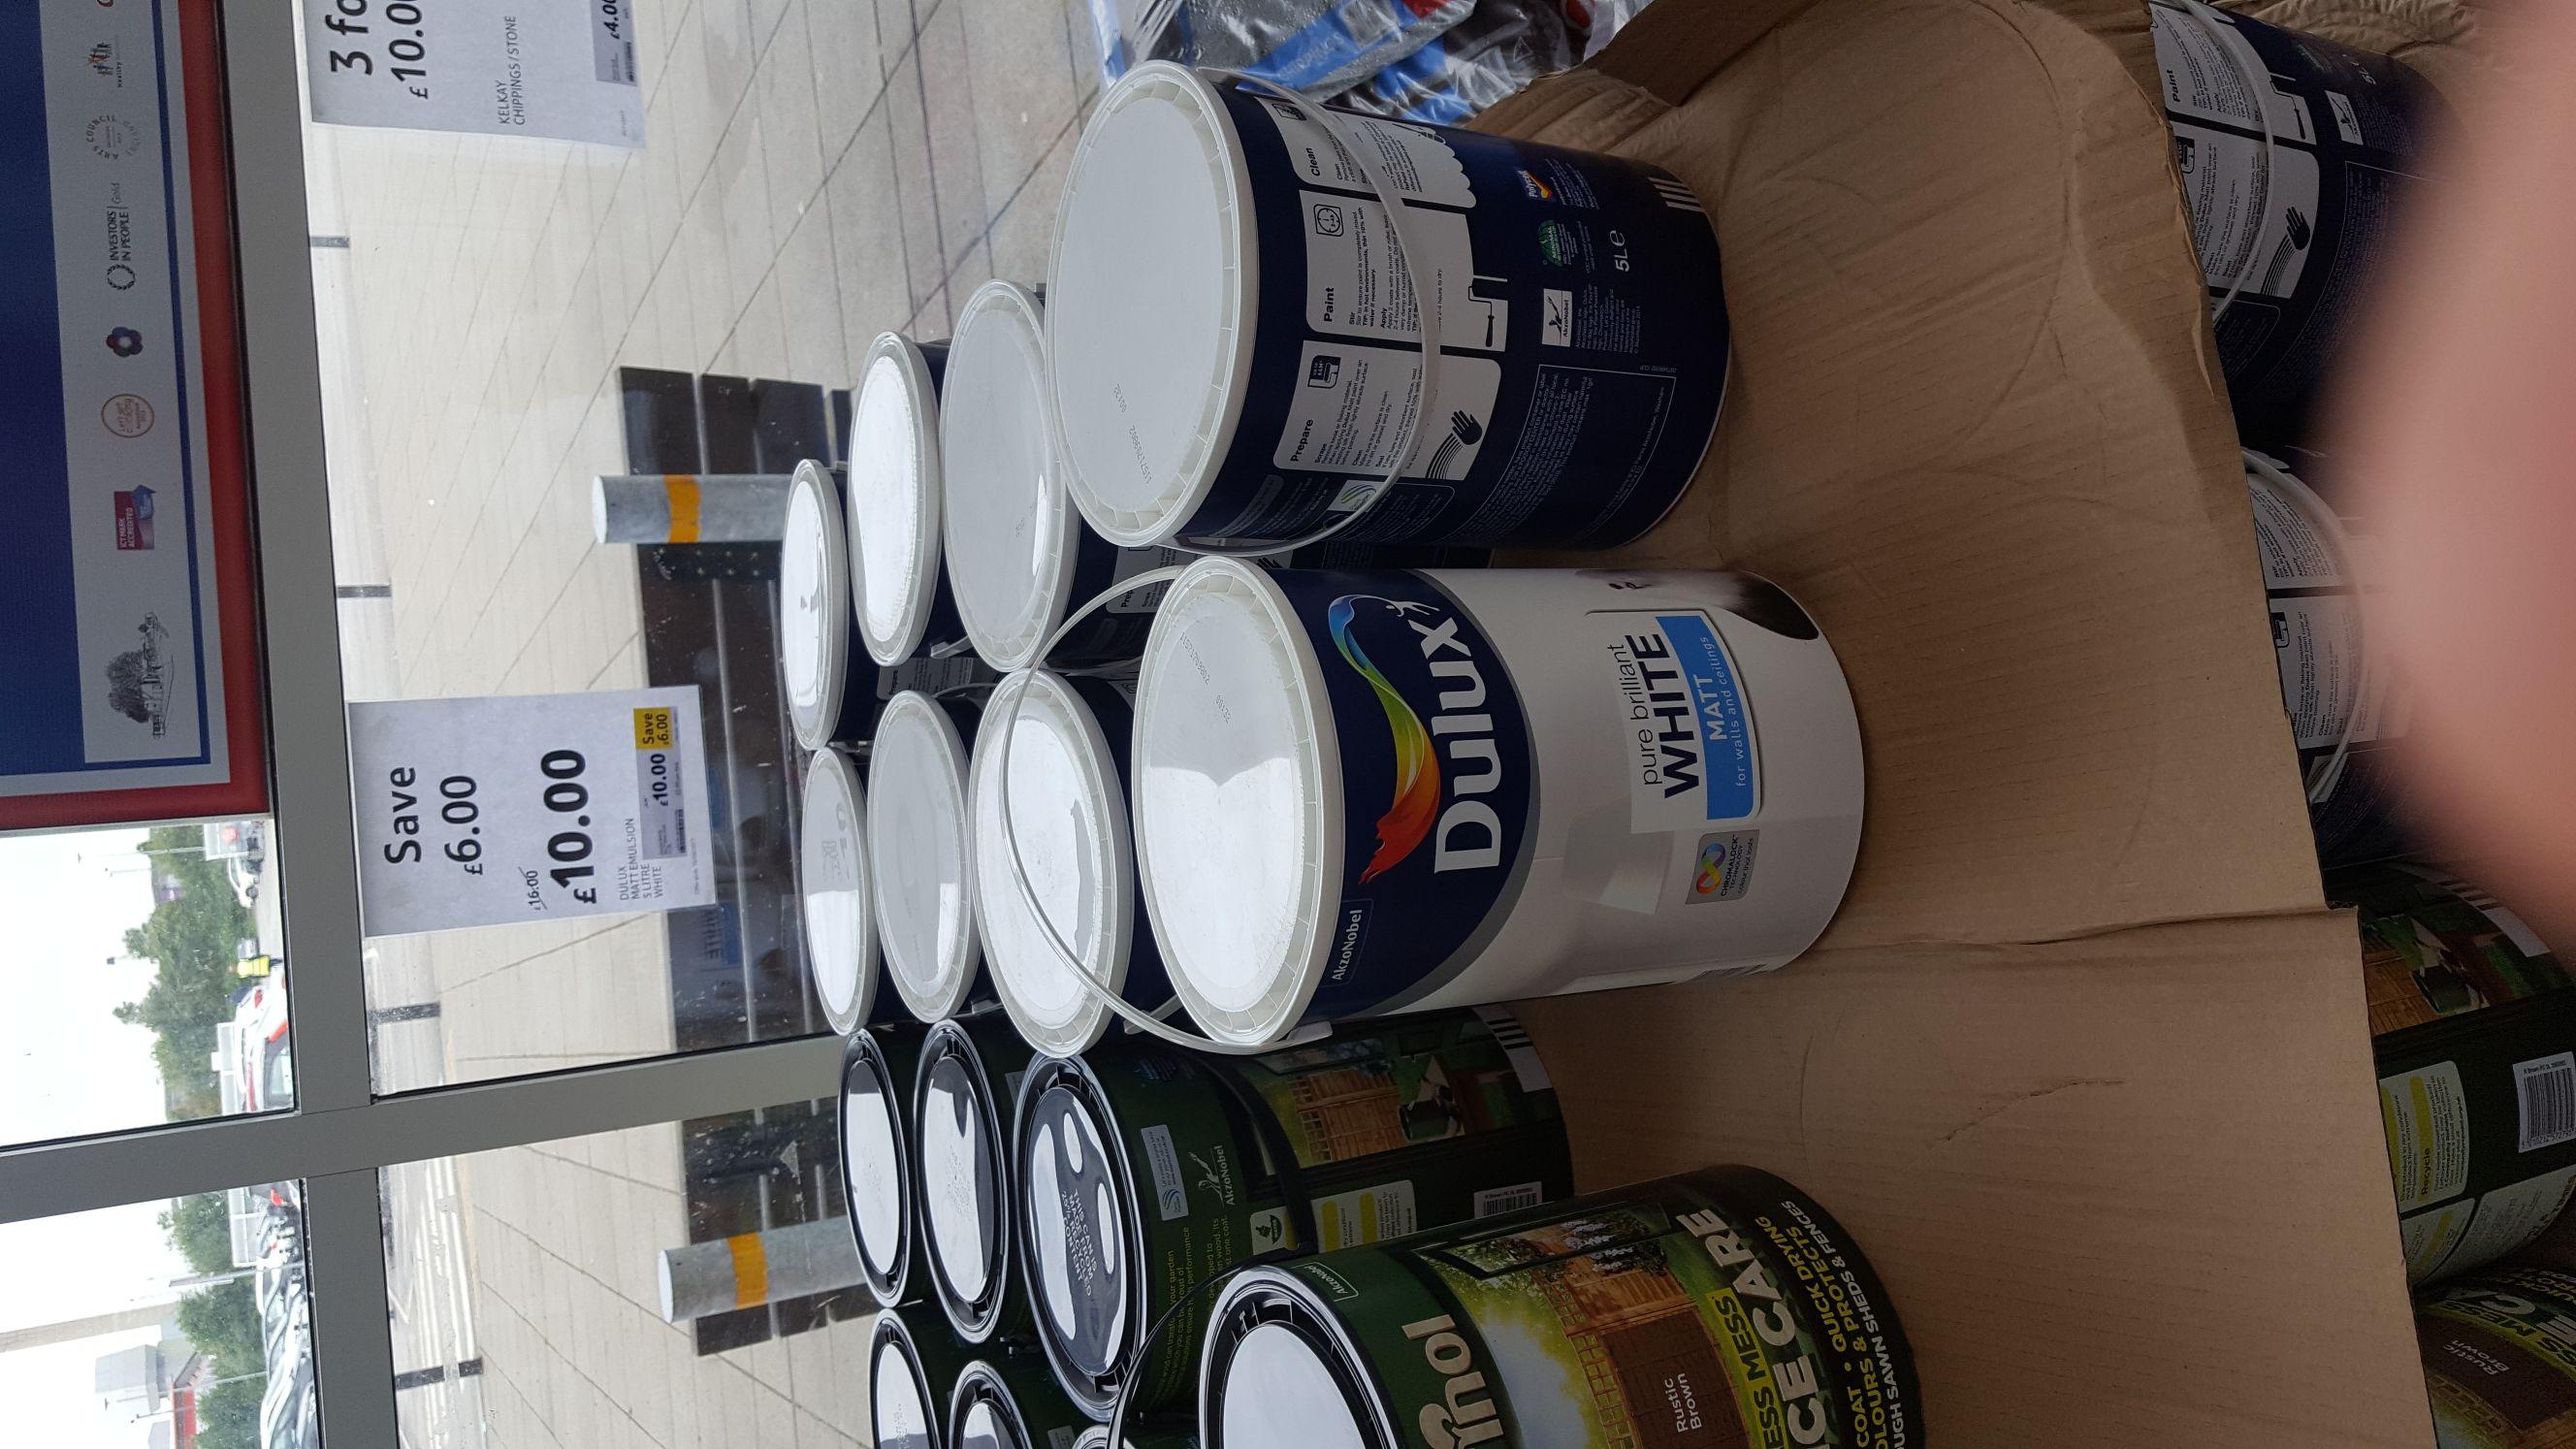 Dulux white matt paint 5l £10 @ Tesco - St helens